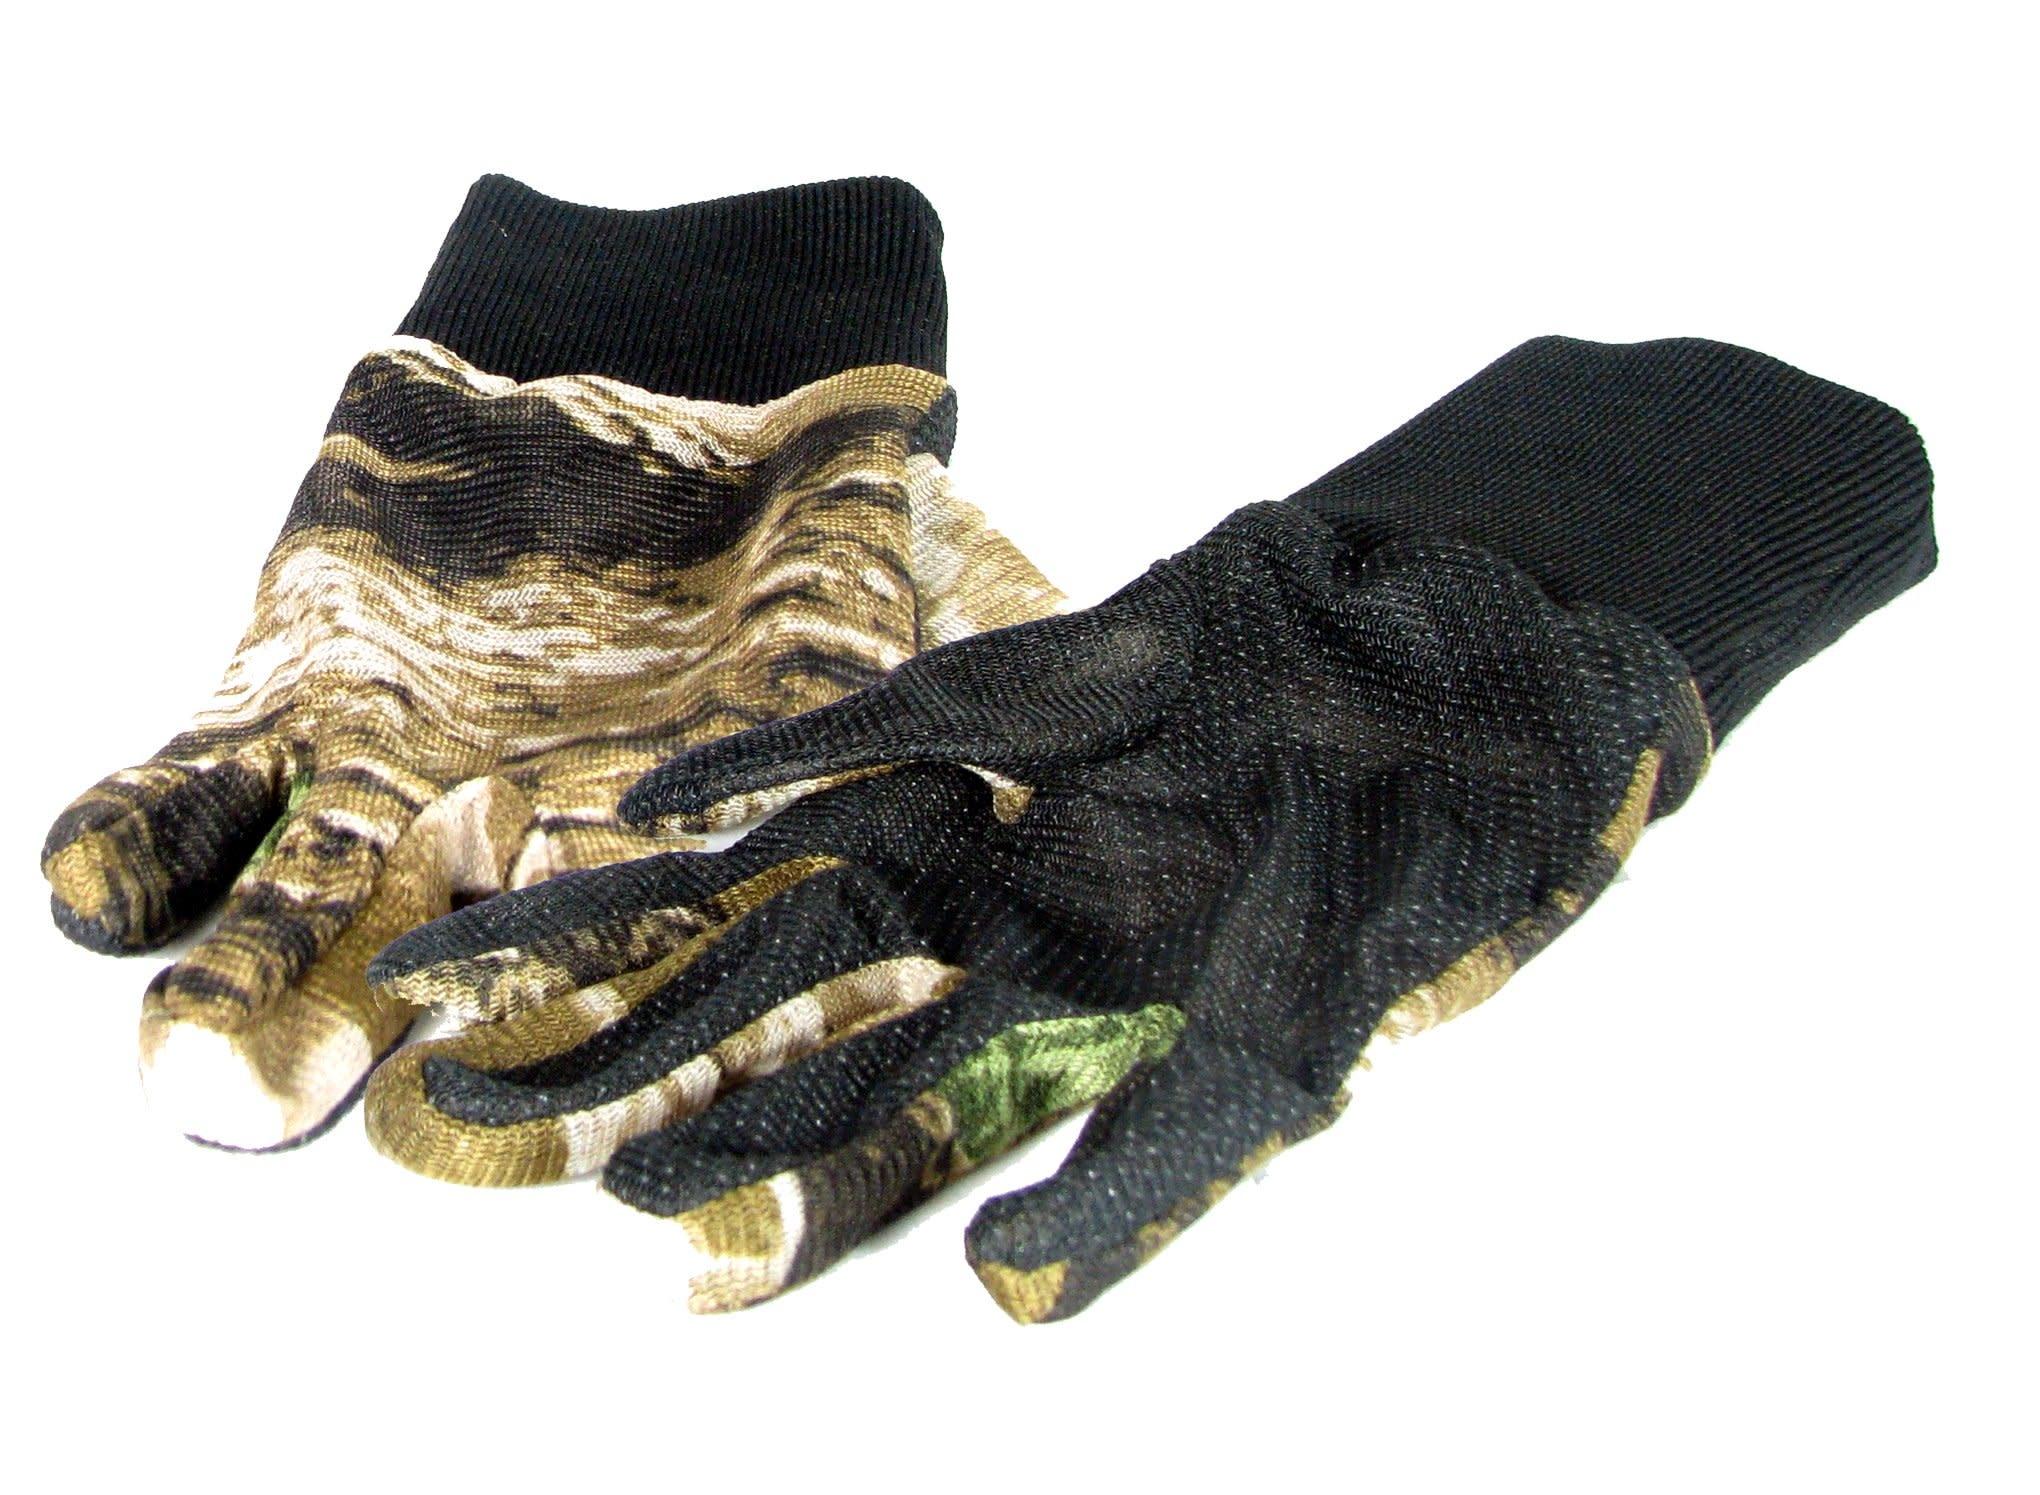 Wildhunter Tarnung Netz-Handschuhe mit rutschfesten Griff